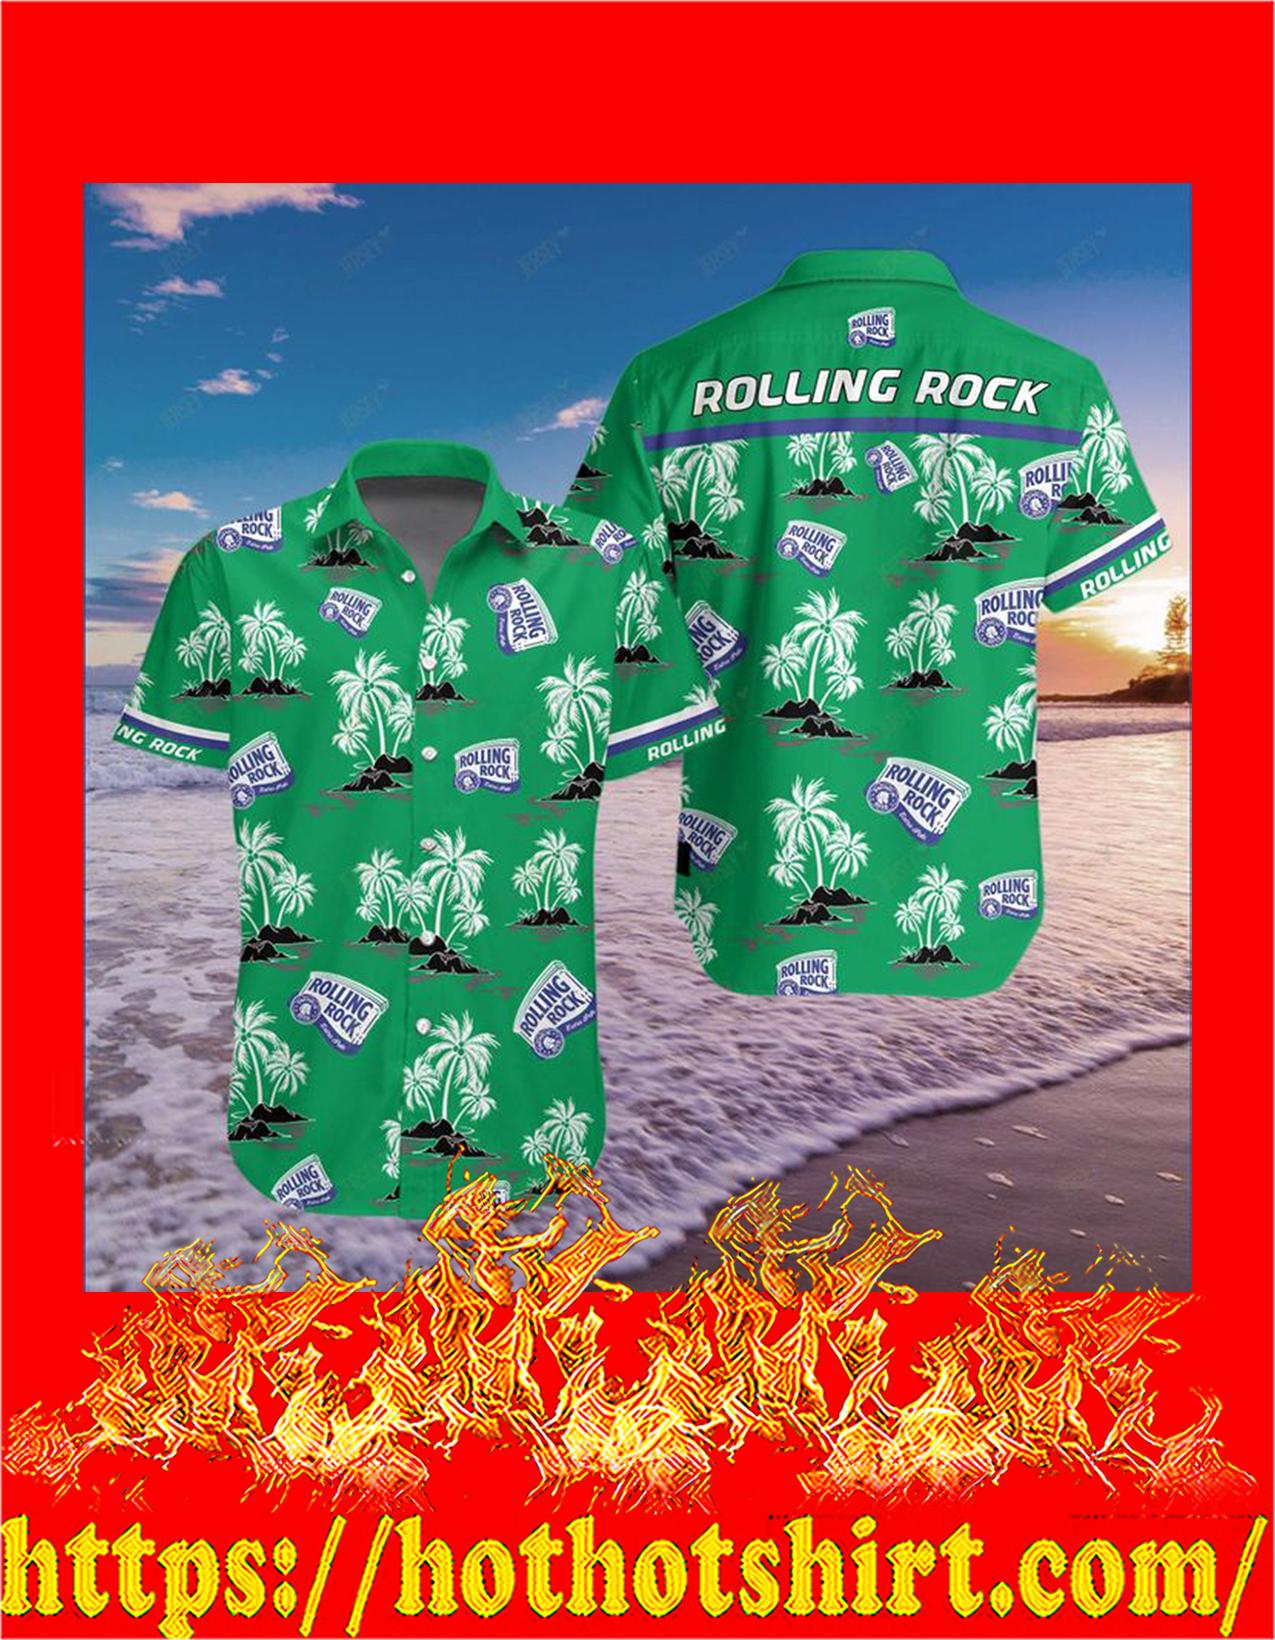 Rolling rock hawaiian shirt - pic 1